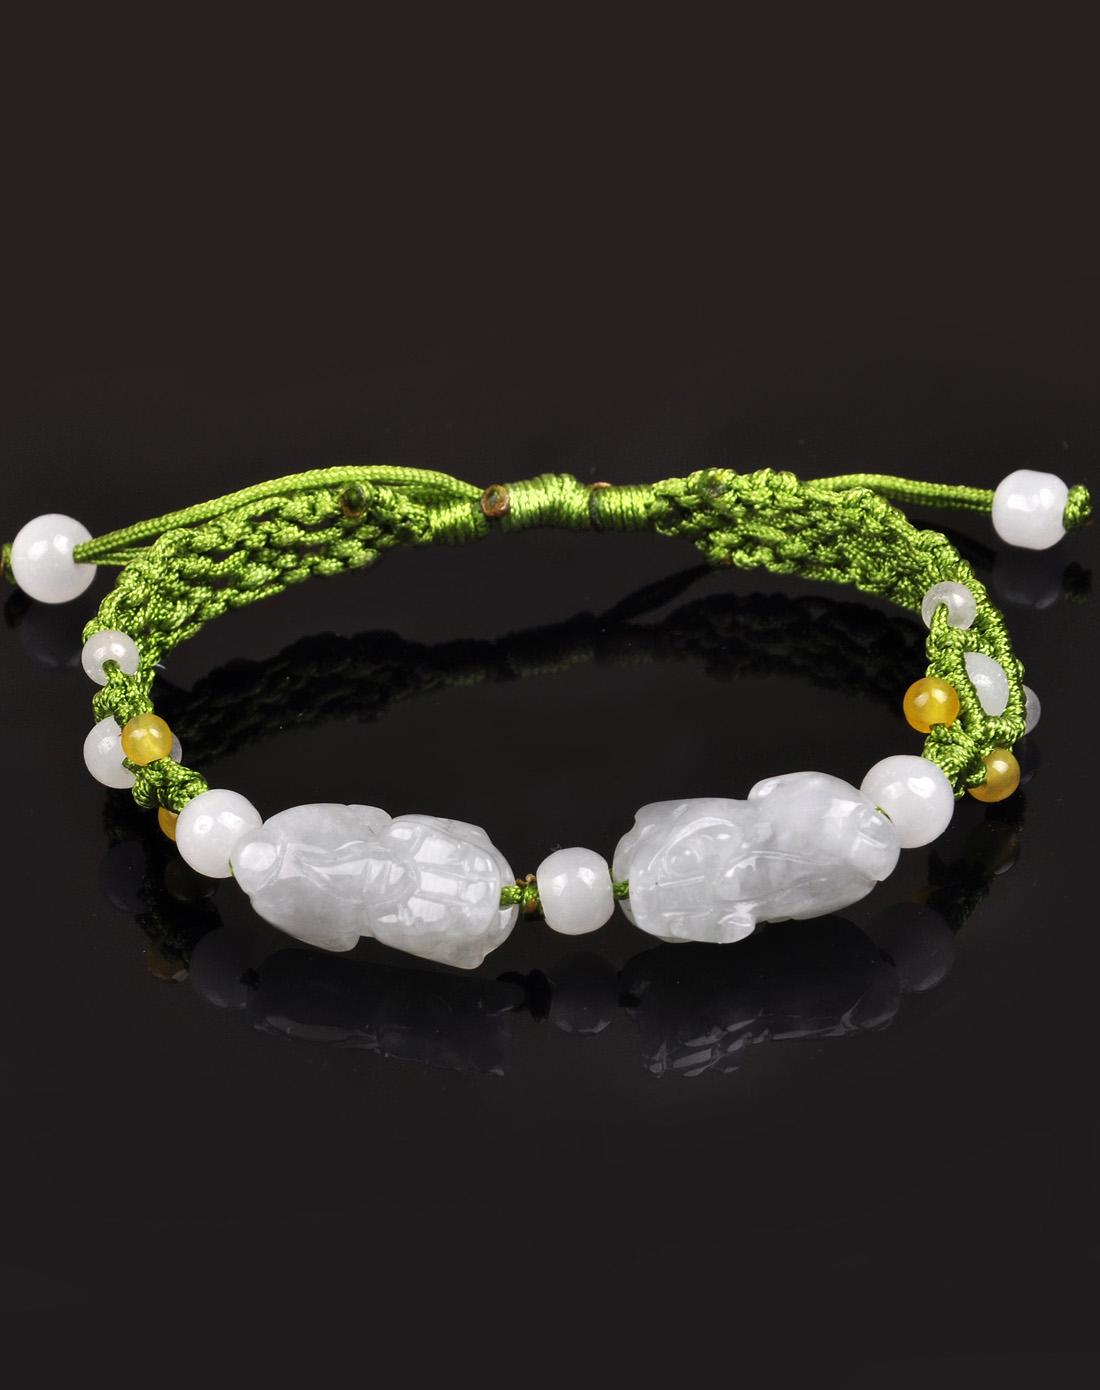 天然a货翡翠貔貅手工编织手链